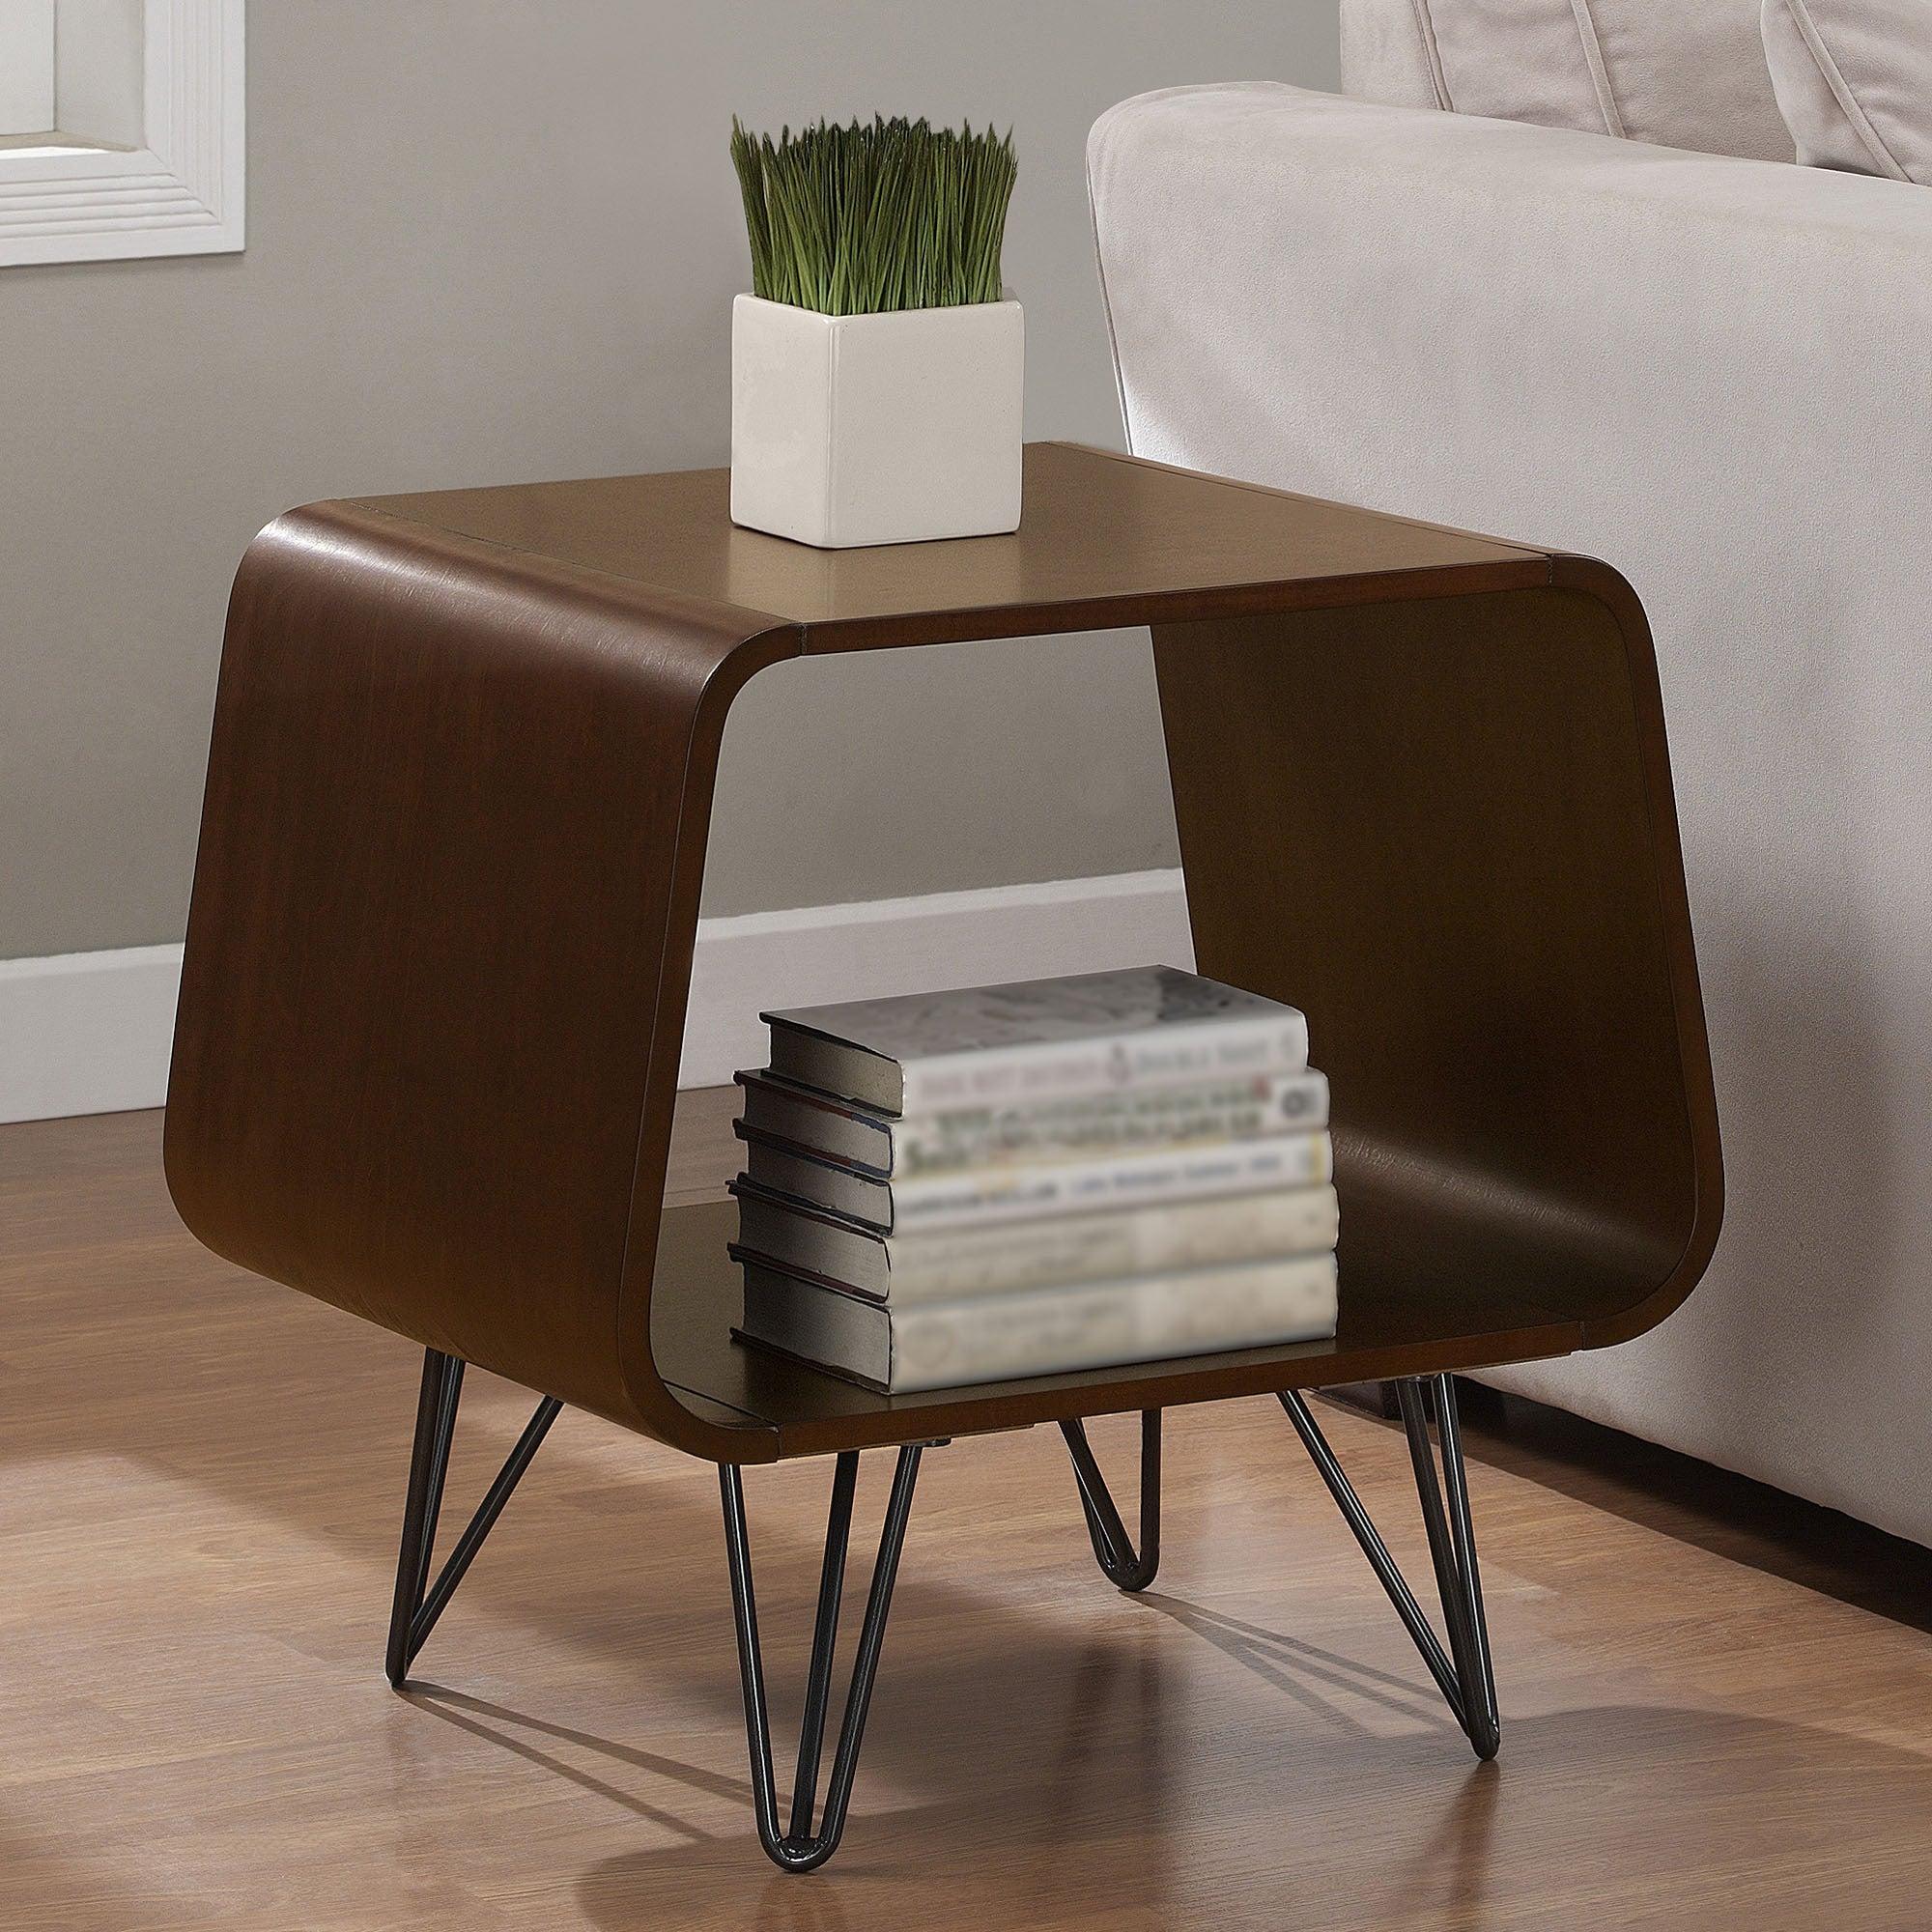 Astro Coffee Table.Carson Carrington Astro End Table